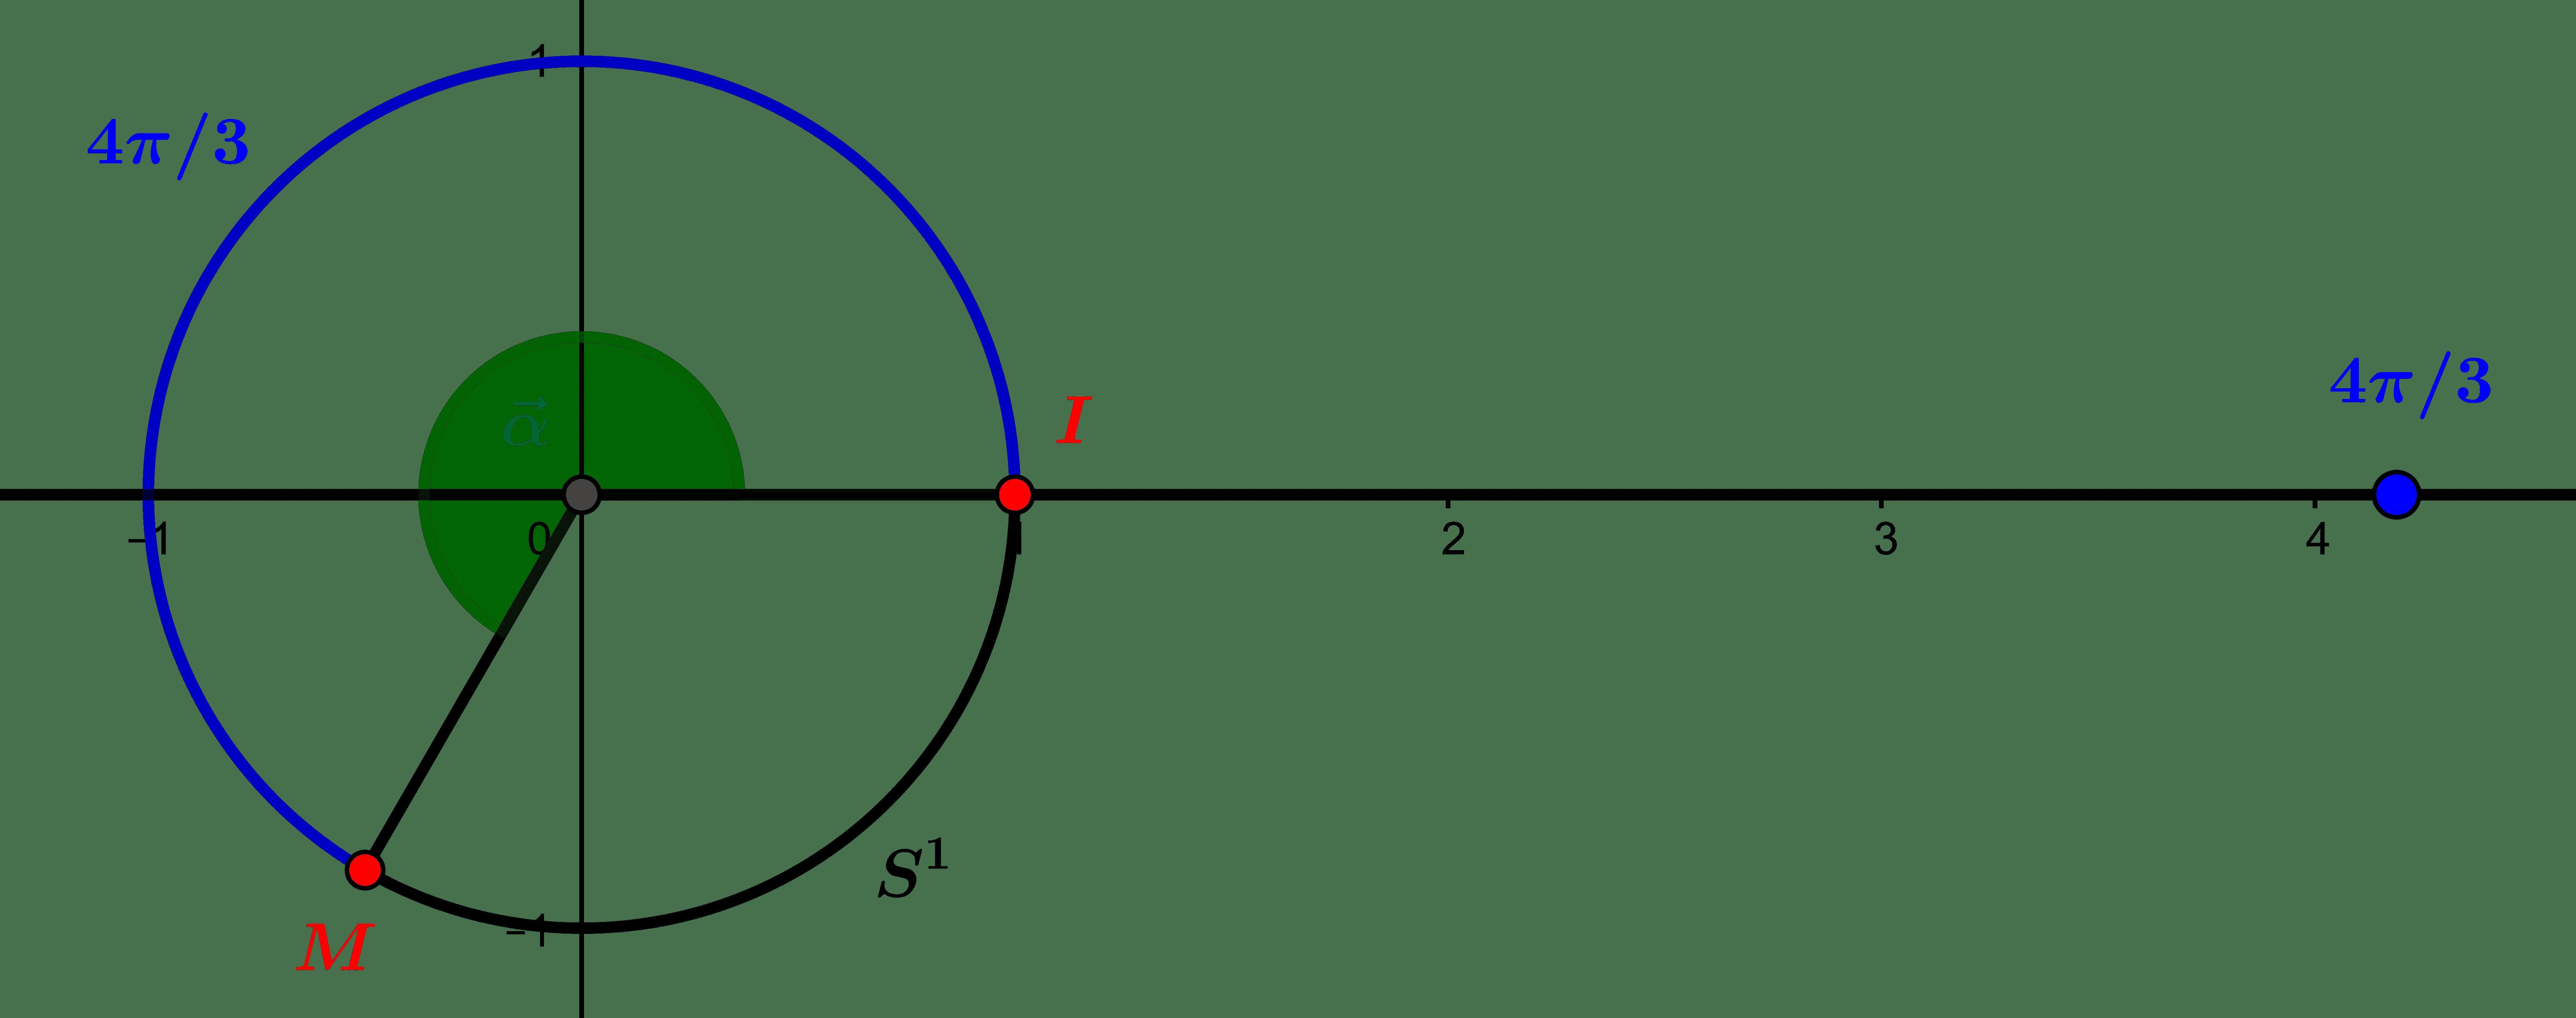 La mesure des angles de vecteurs : où l'analyse rencontre l'algèbre